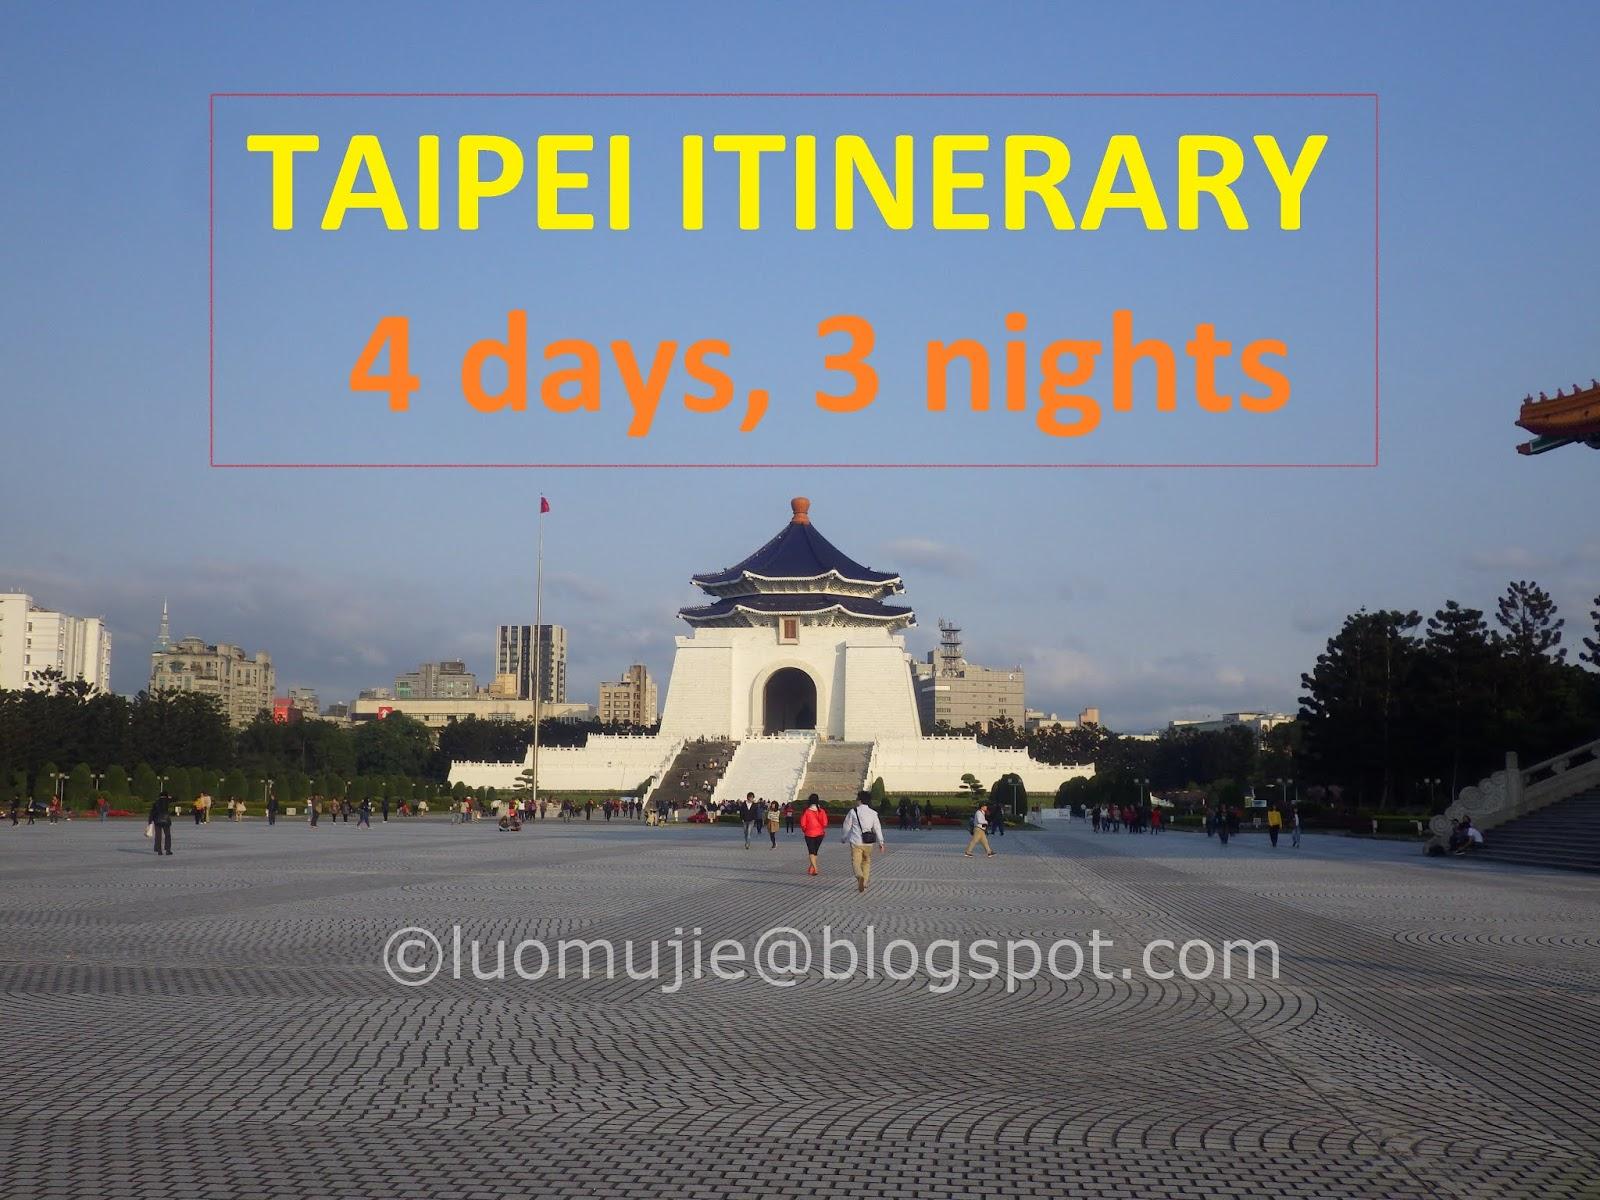 Taipei itinerary 4 days, 3 nights